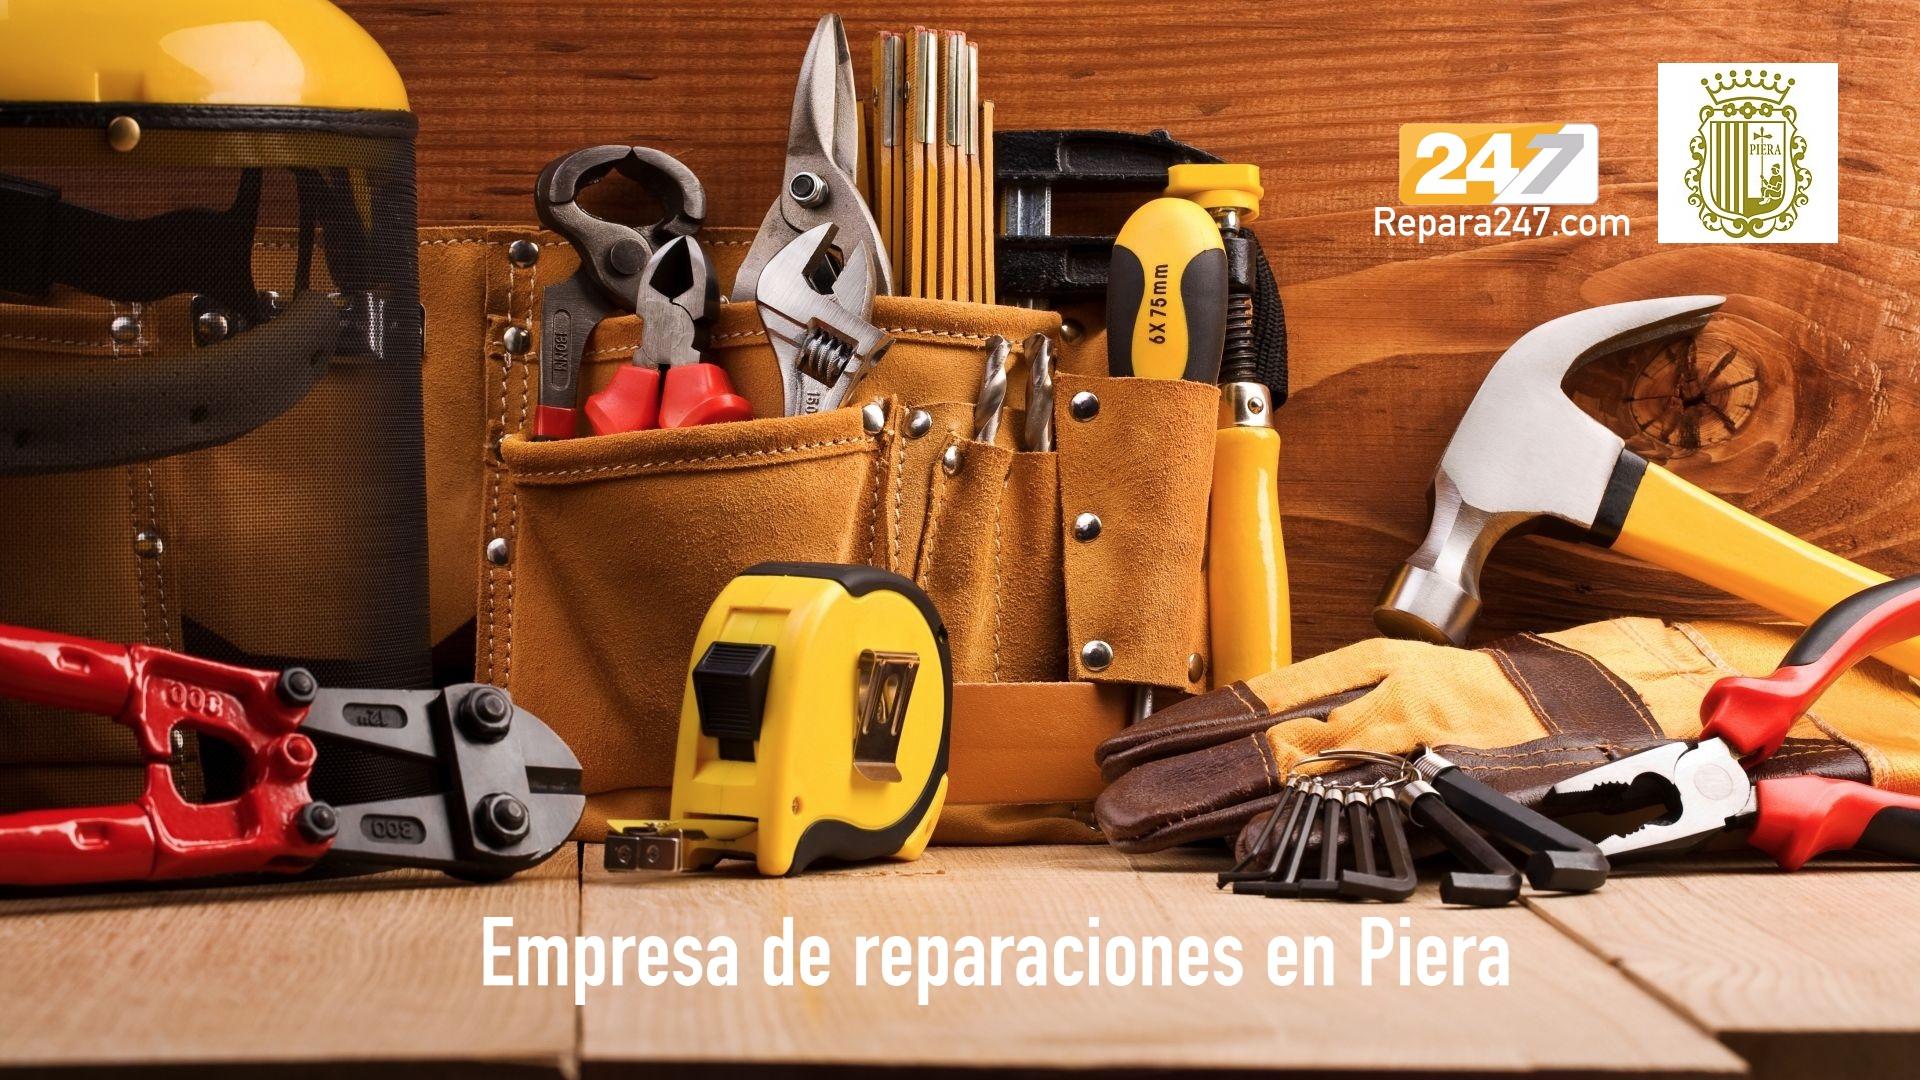 Empresa de reparaciones en Piera